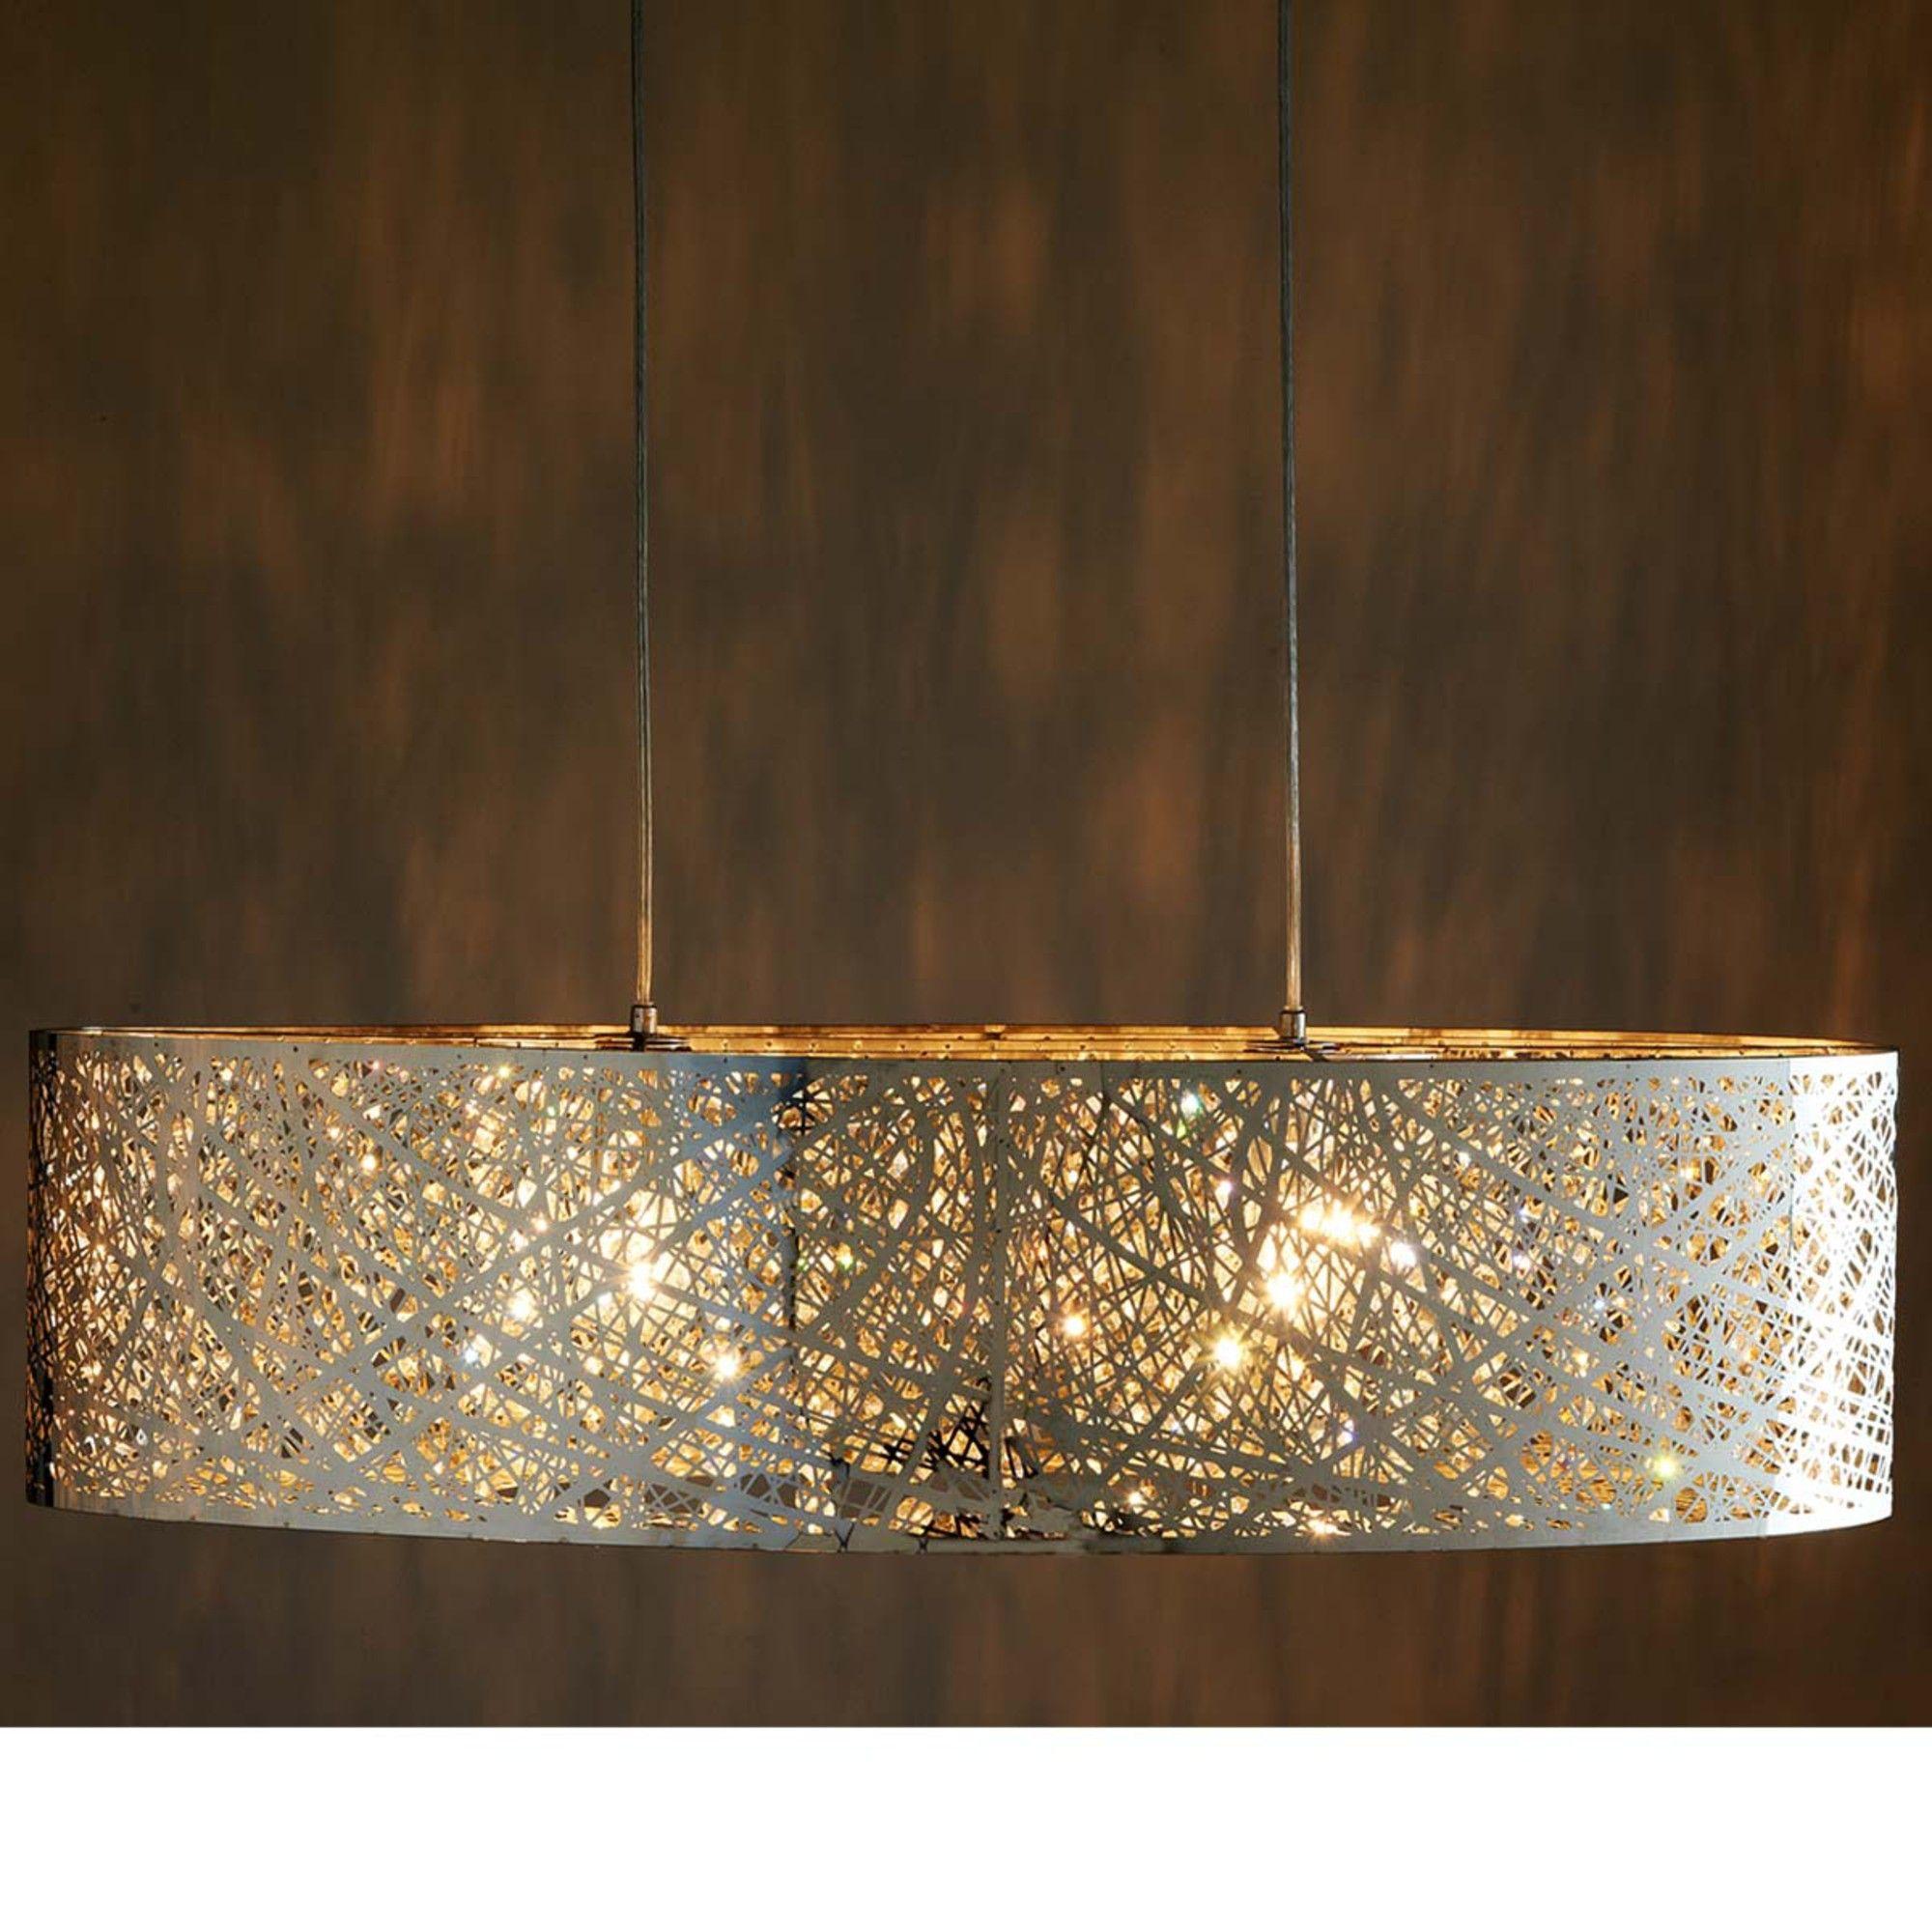 design pendelleuchte, hängeleuchte esstisch, deckenleuchte design ... - Moderne Hangeleuchten Wohnzimmer